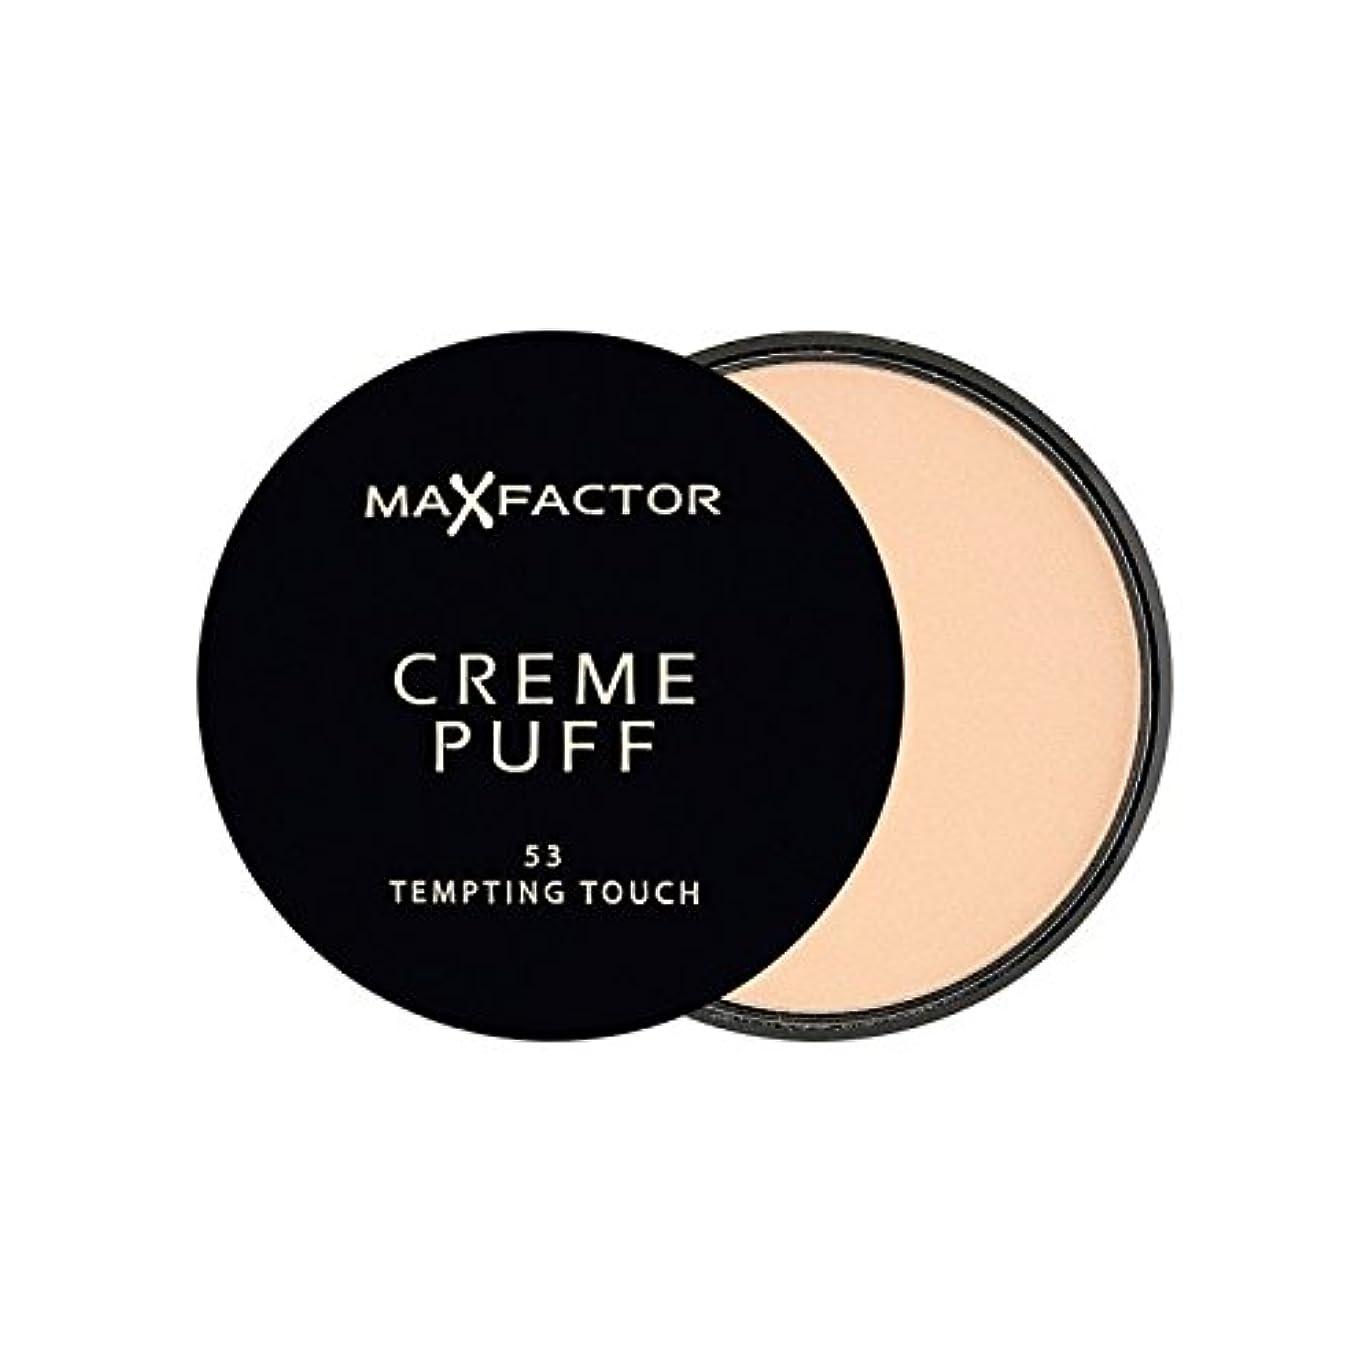 トライアスリート無駄電気マックスファクタークリームパフパウダーコンパクト魅力的なタッチ53 x2 - Max Factor Creme Puff Powder Compact Tempting Touch 53 (Pack of 2) [並行輸入品]